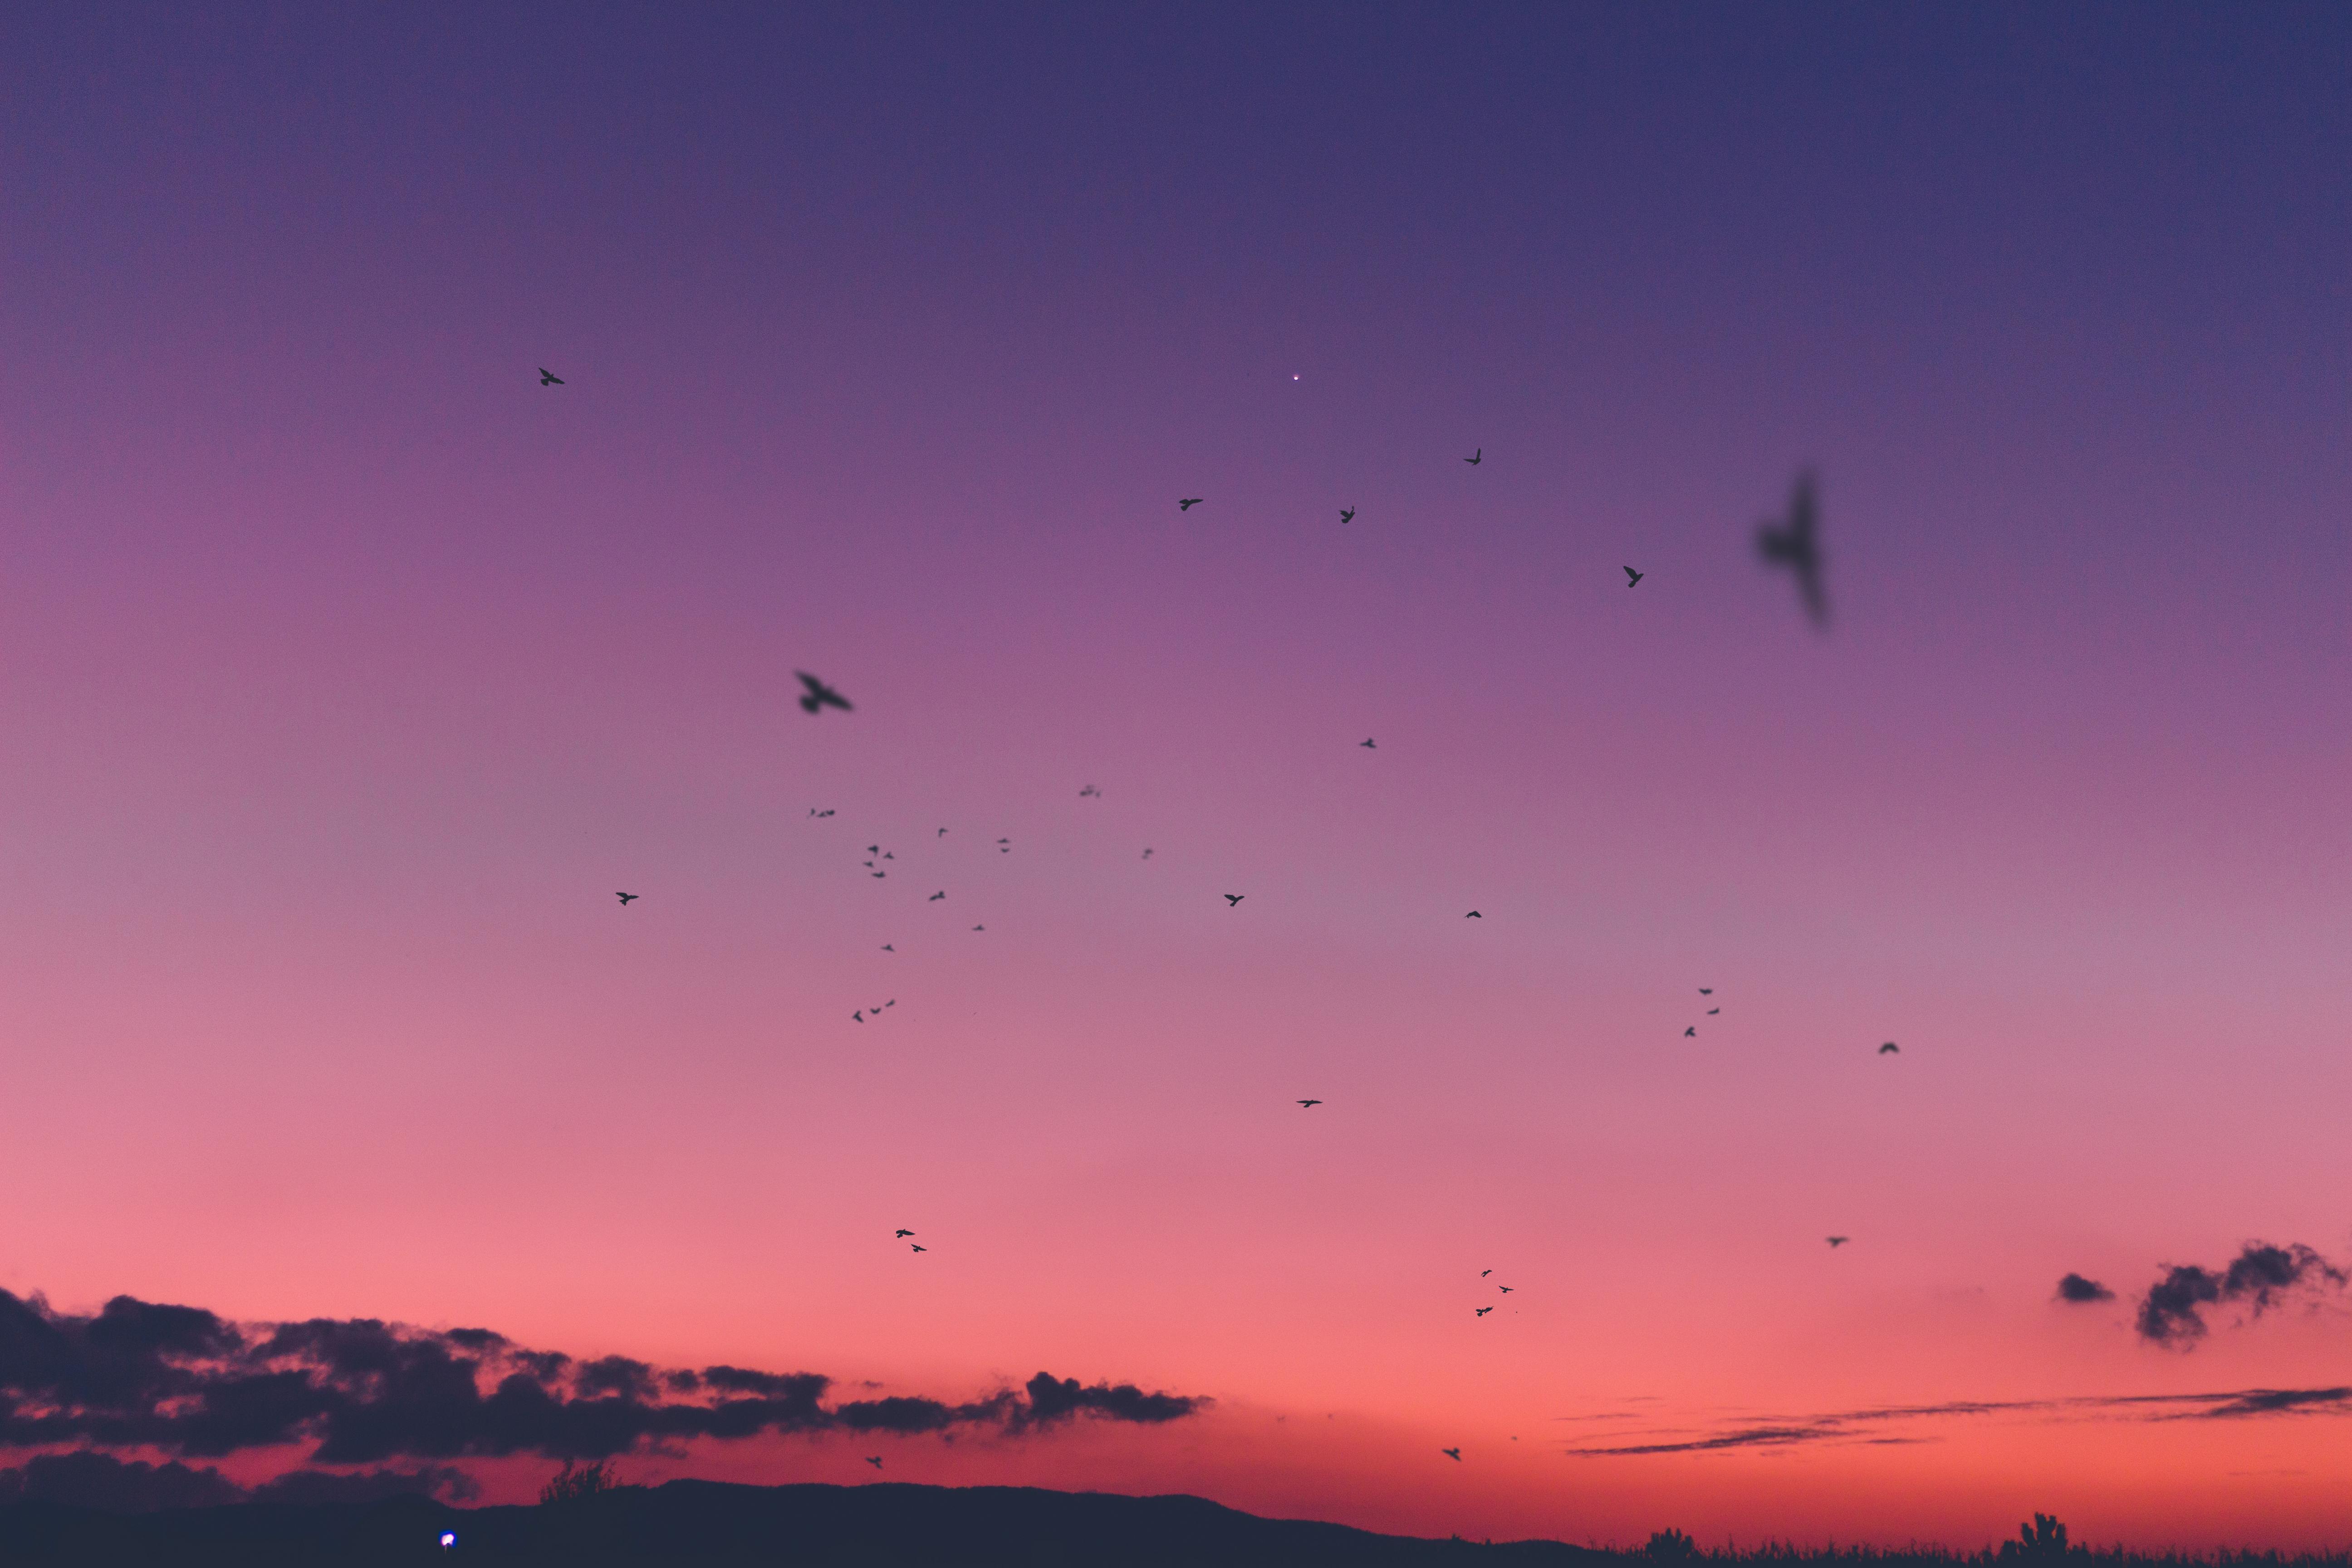 85383 Hintergrundbild 720x1280 kostenlos auf deinem Handy, lade Bilder Natur, Vögel, Sunset, Sky 720x1280 auf dein Handy herunter